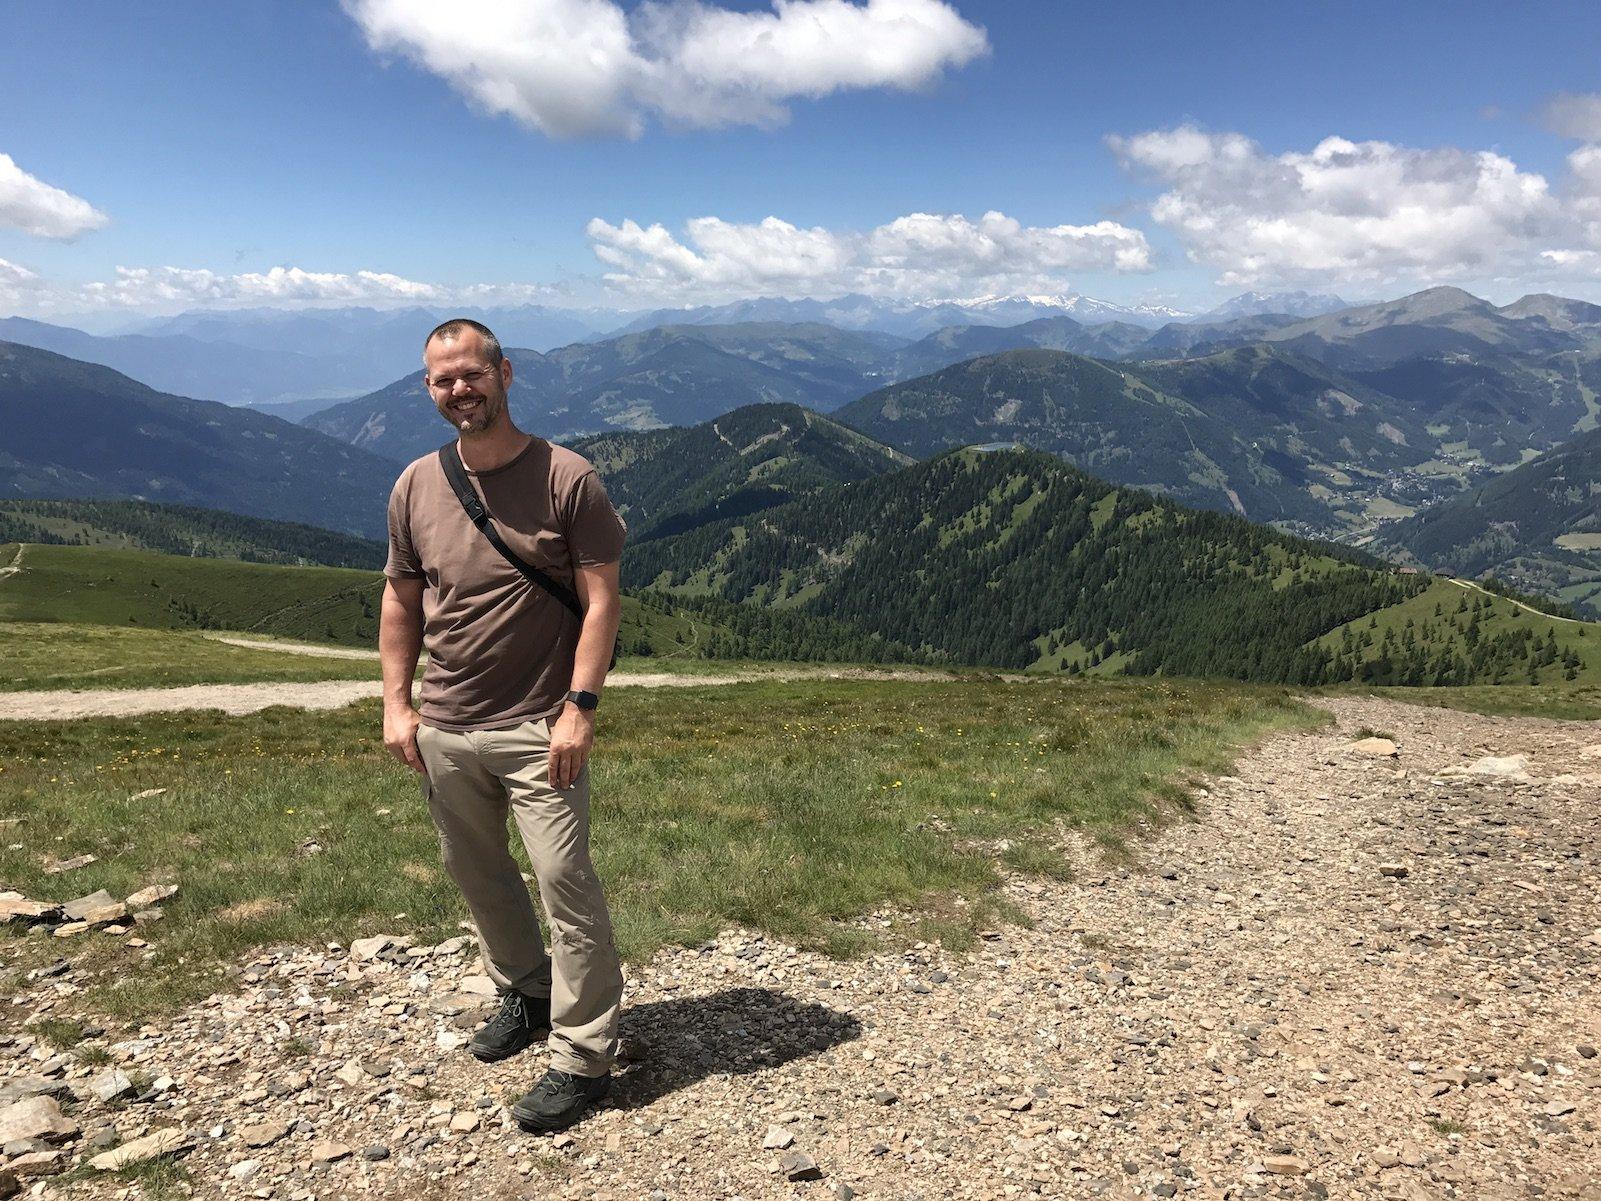 Ich (Hubert), leicht abgekämpft aber happy in der Sonne und auf dem Berg (Danke an Gesine für das Bild!)